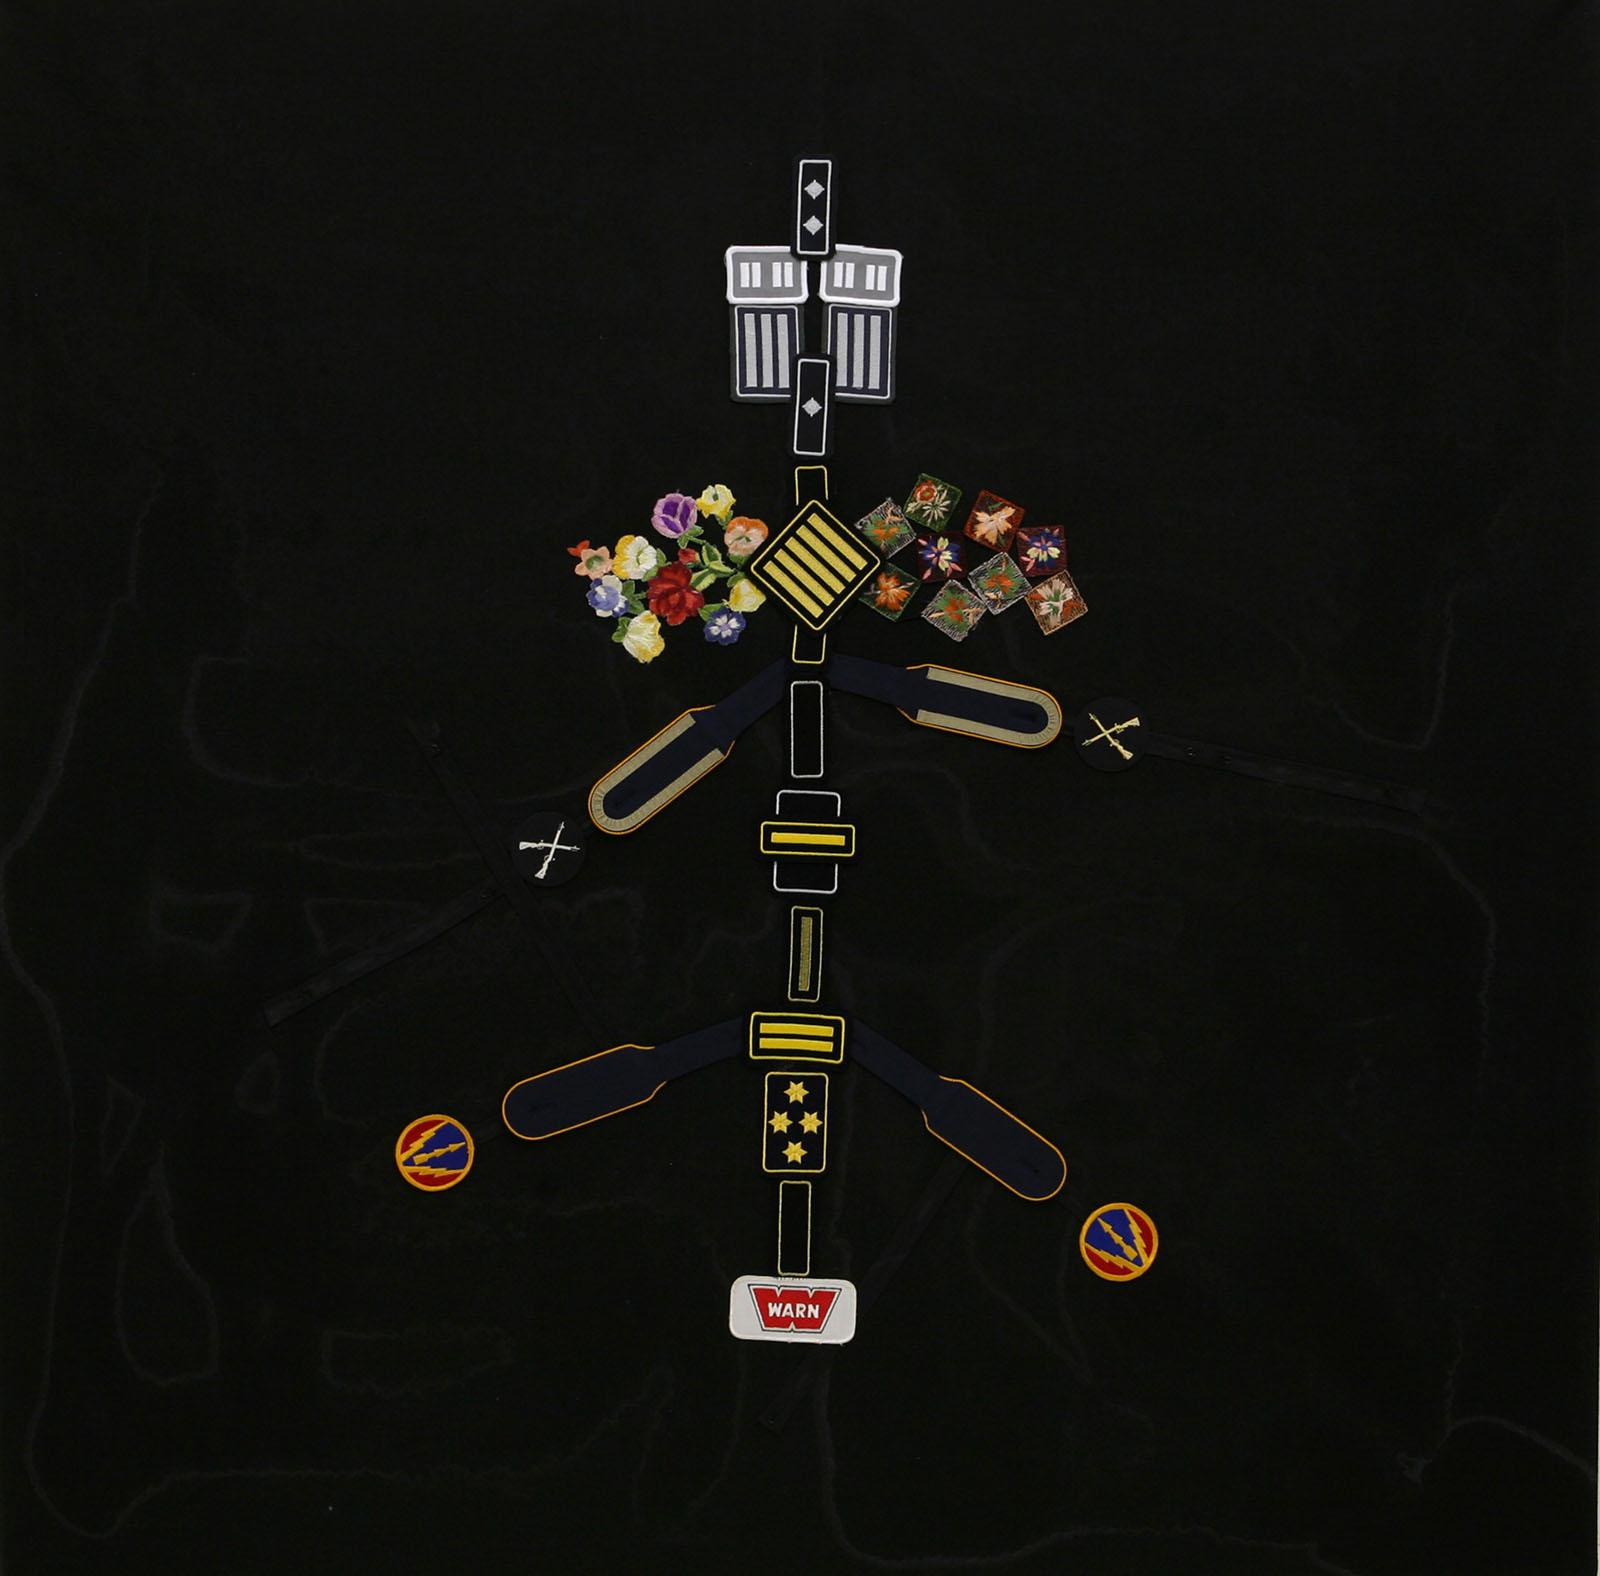 """""""Erster Festschmuck für einen Flußpferdschädel"""" aus """"Krähen Kommen -Titanweiß"""", 2008, 130 x 130 cm, Applikationen auf Leinwand"""